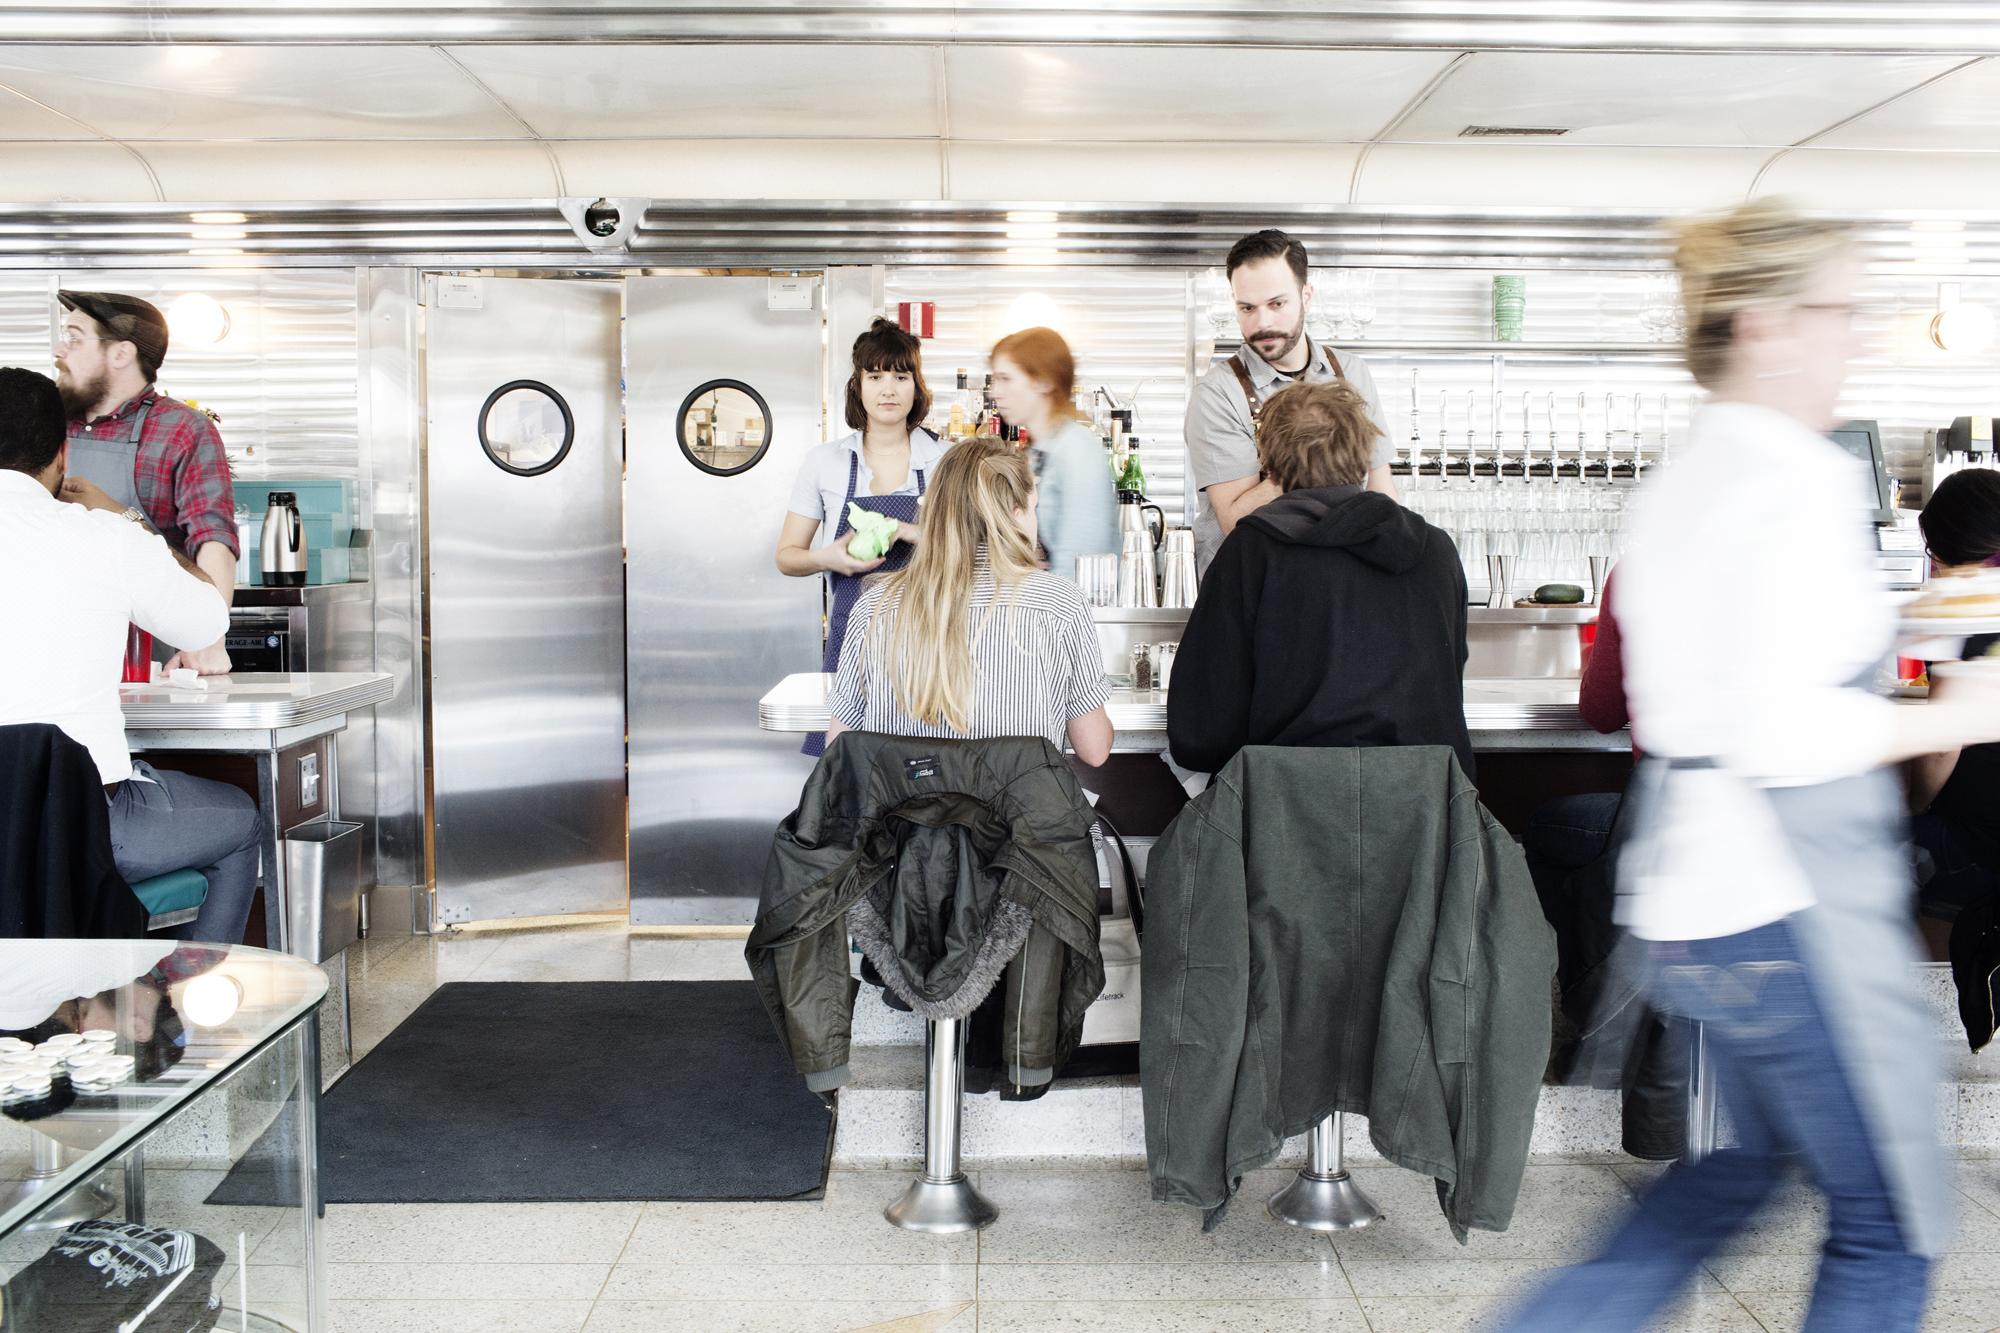 Inside Hi-Lo Diner | The Restaurant Project